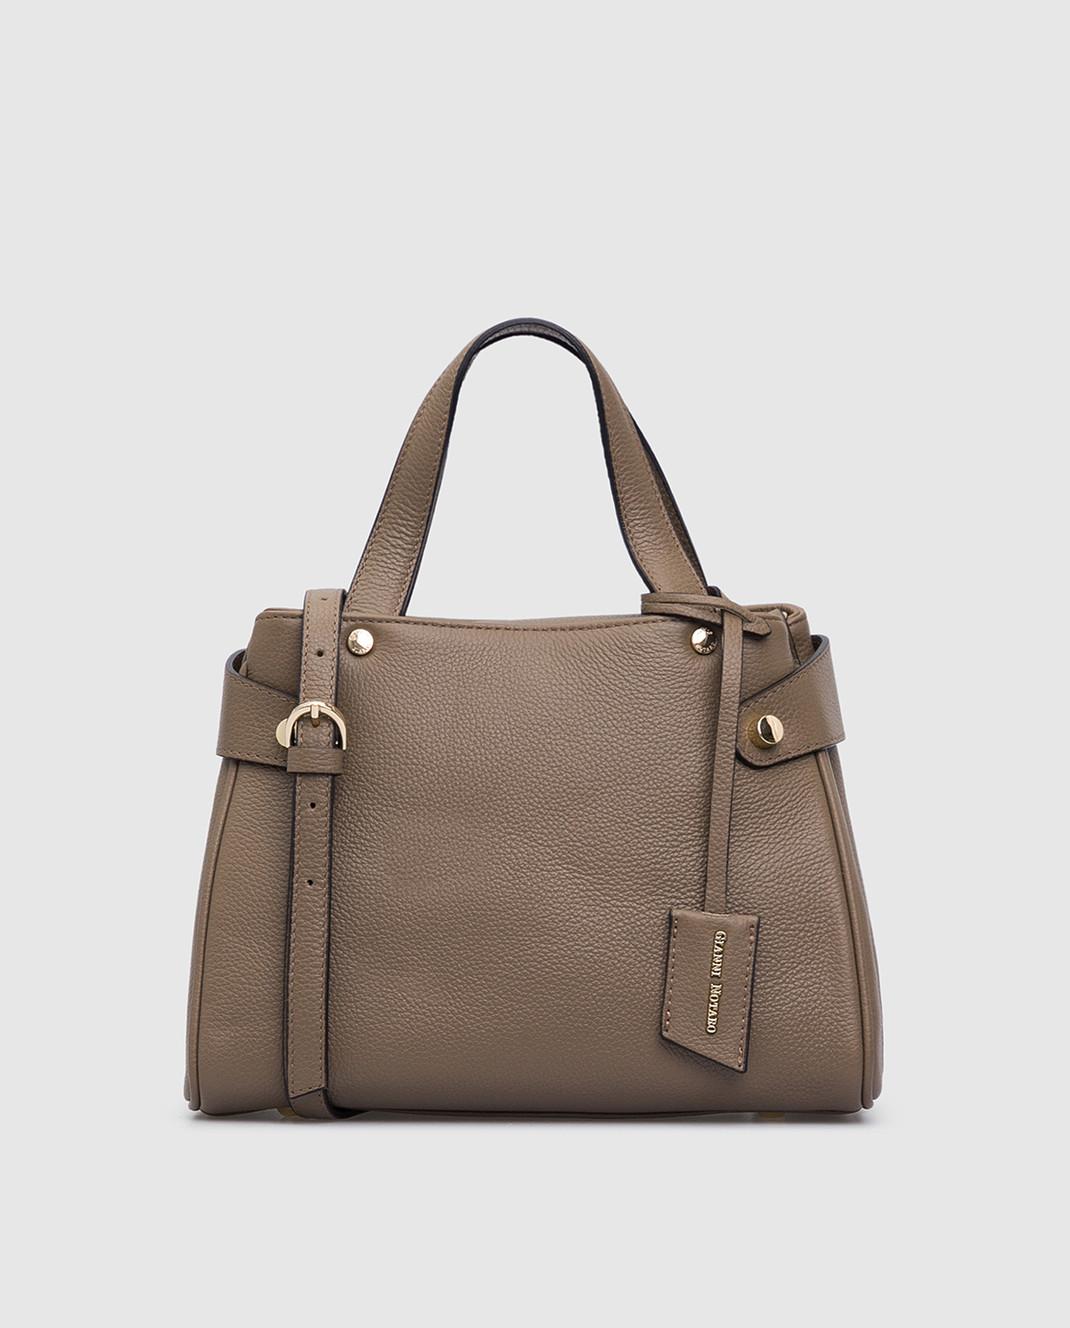 Gianni Notaro Коричневая кожаная сумка изображение 1